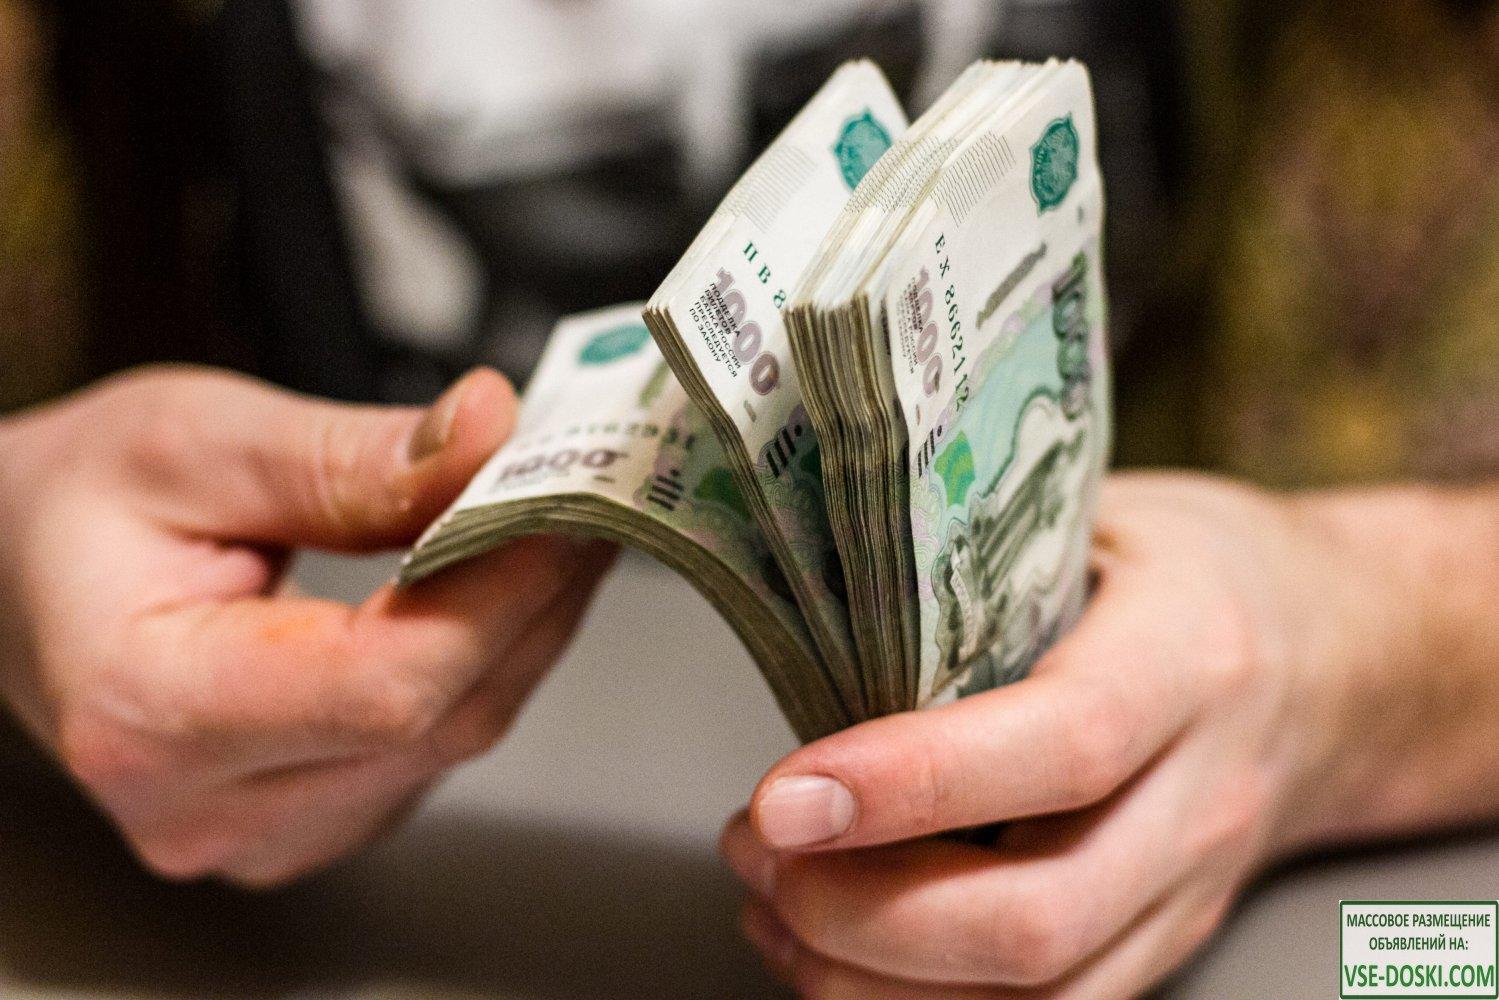 Быстро. Надежно. Самый честны банковский кредит.